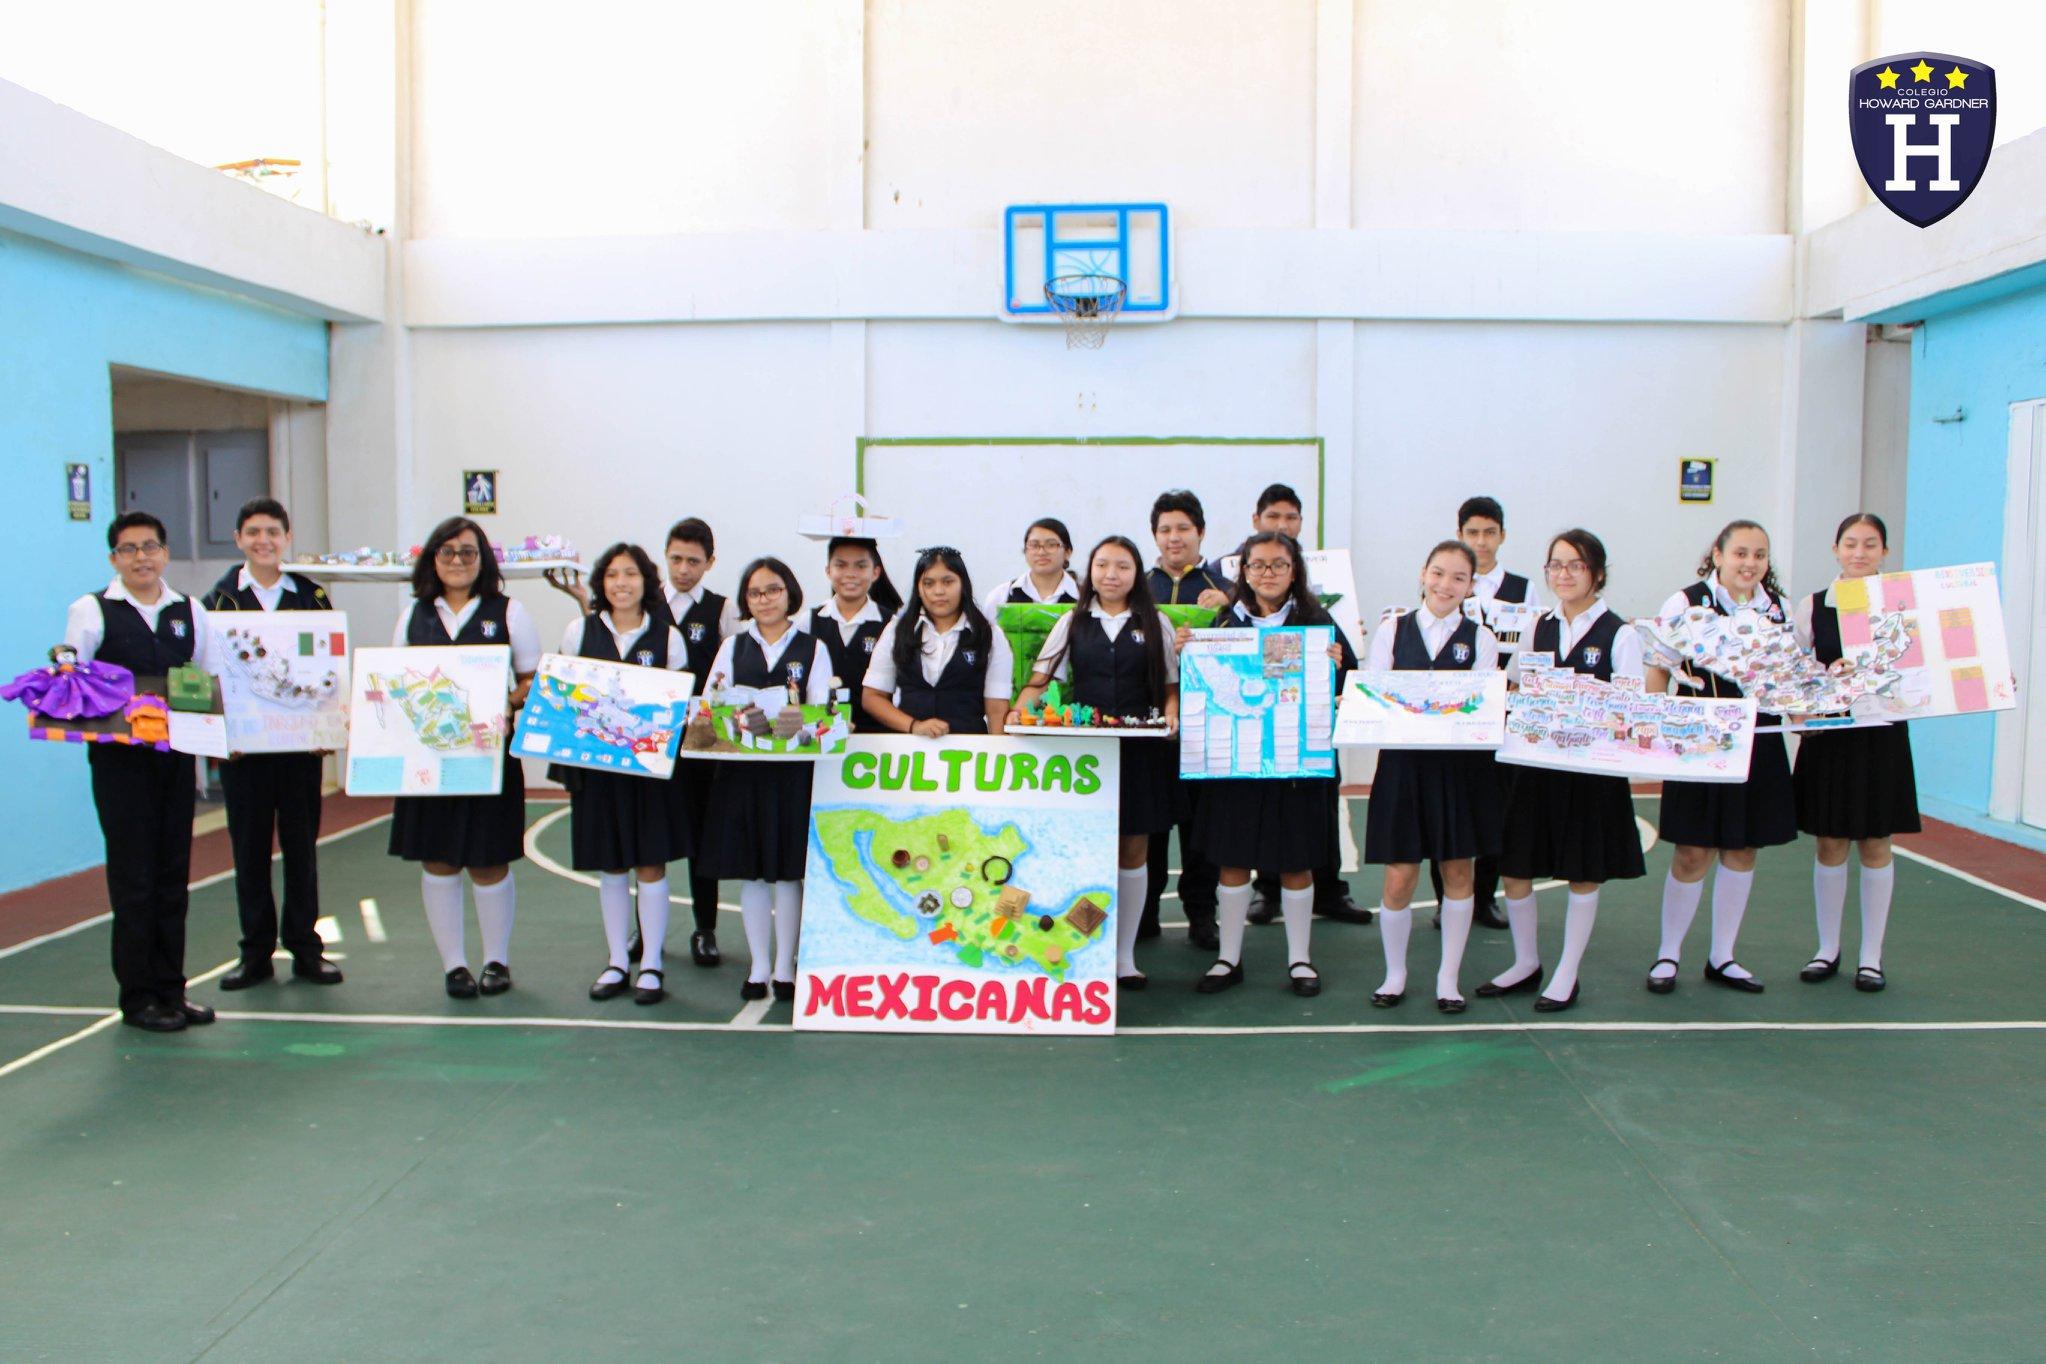 Conozcamos México y sus culturas